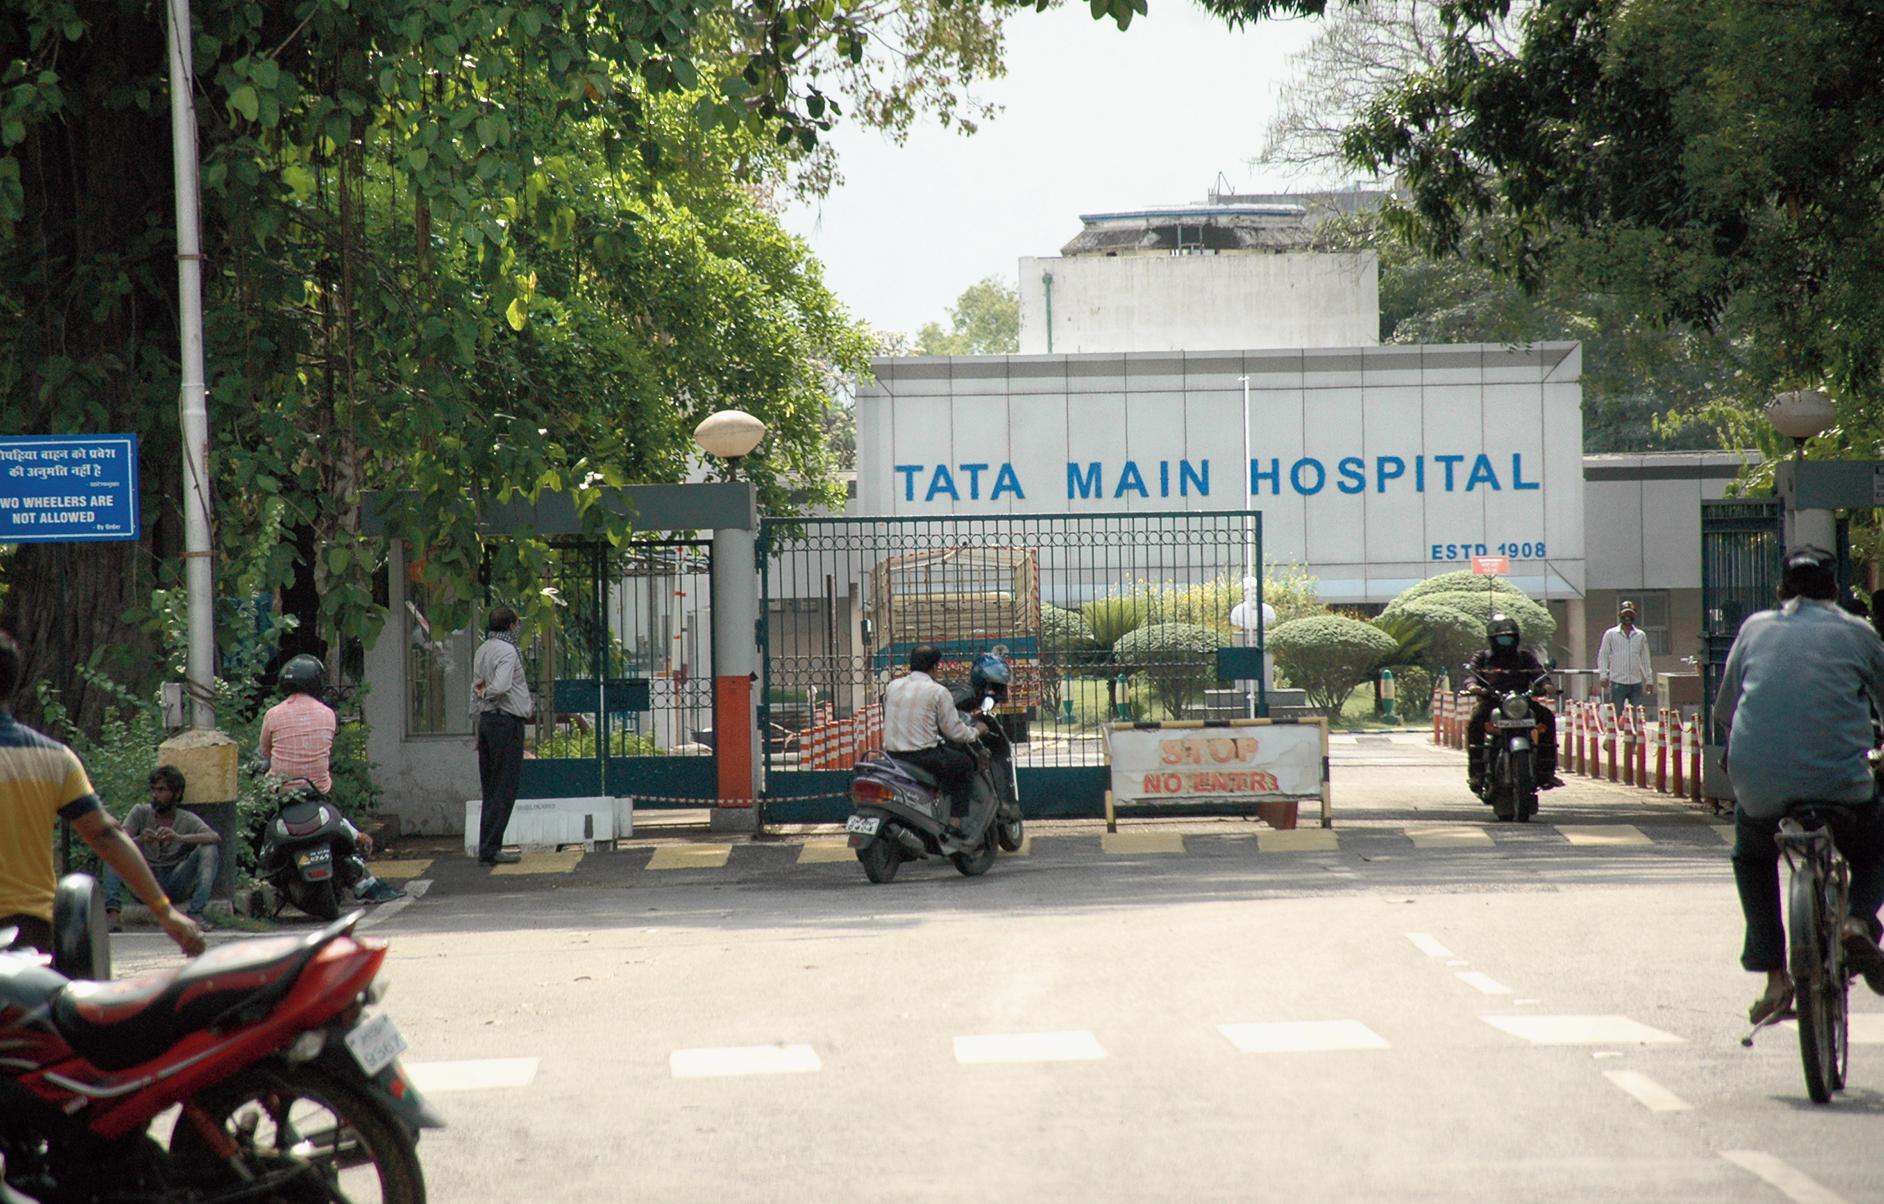 Tata Main Hospital in Jamshedpur.